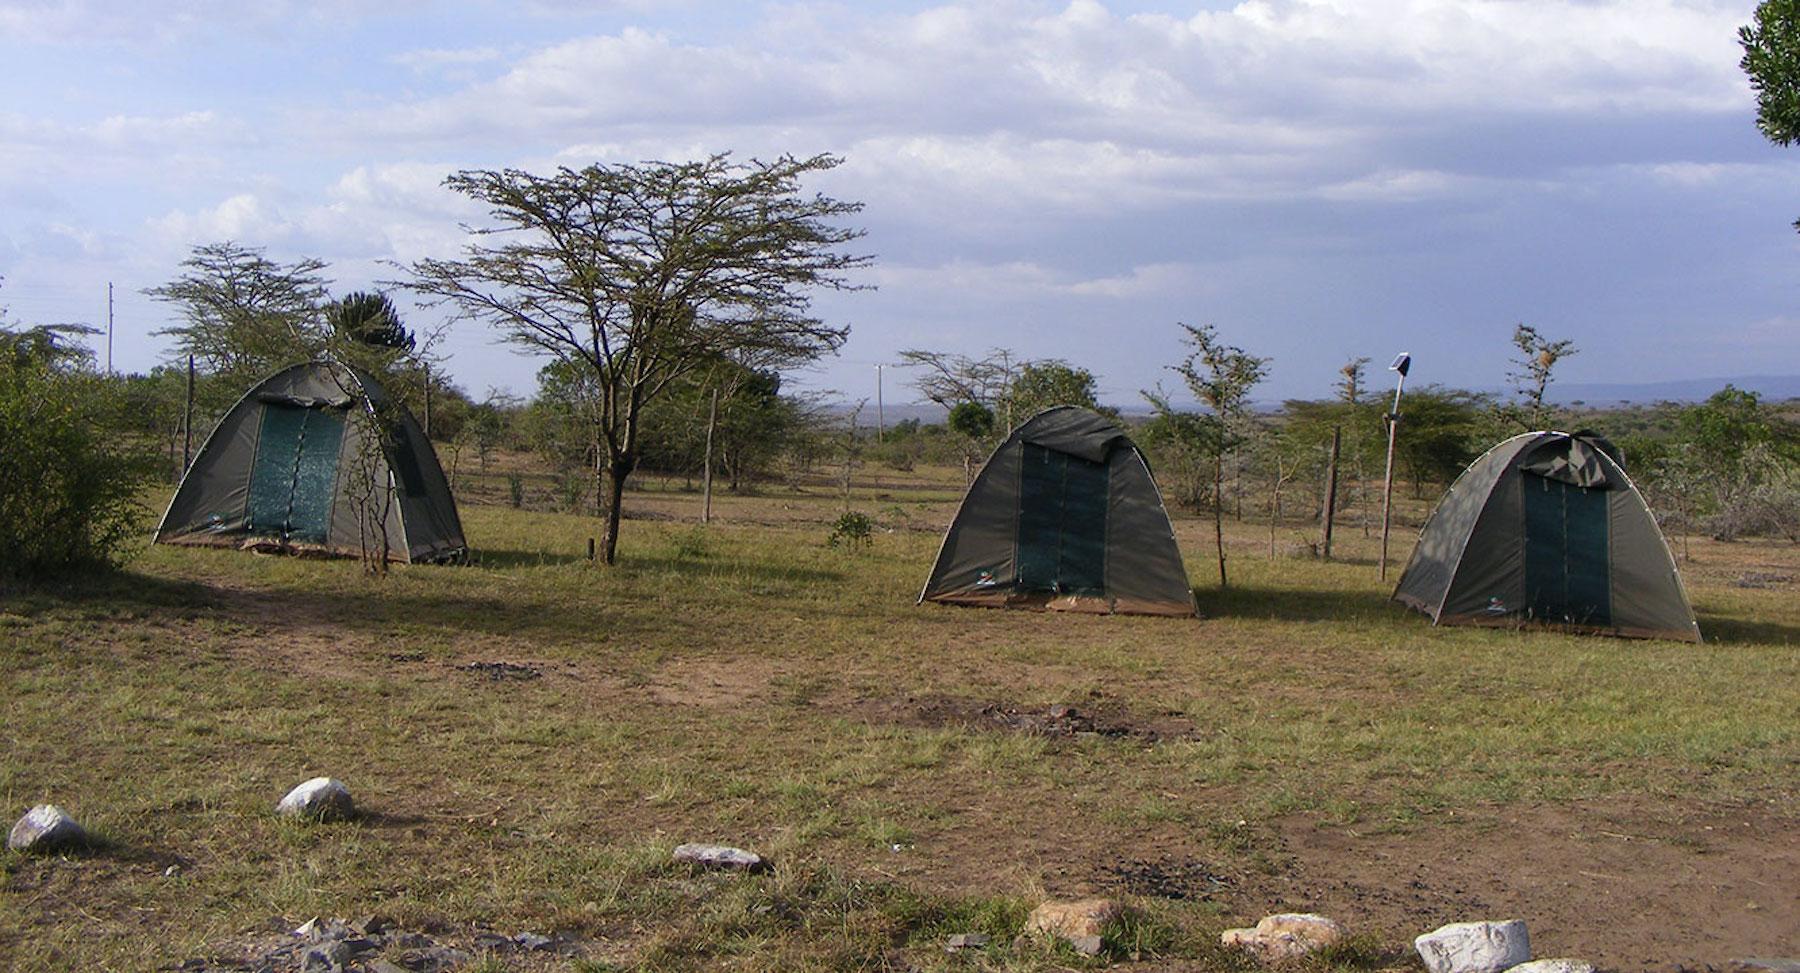 3 Days Masai Mara Camping Safari